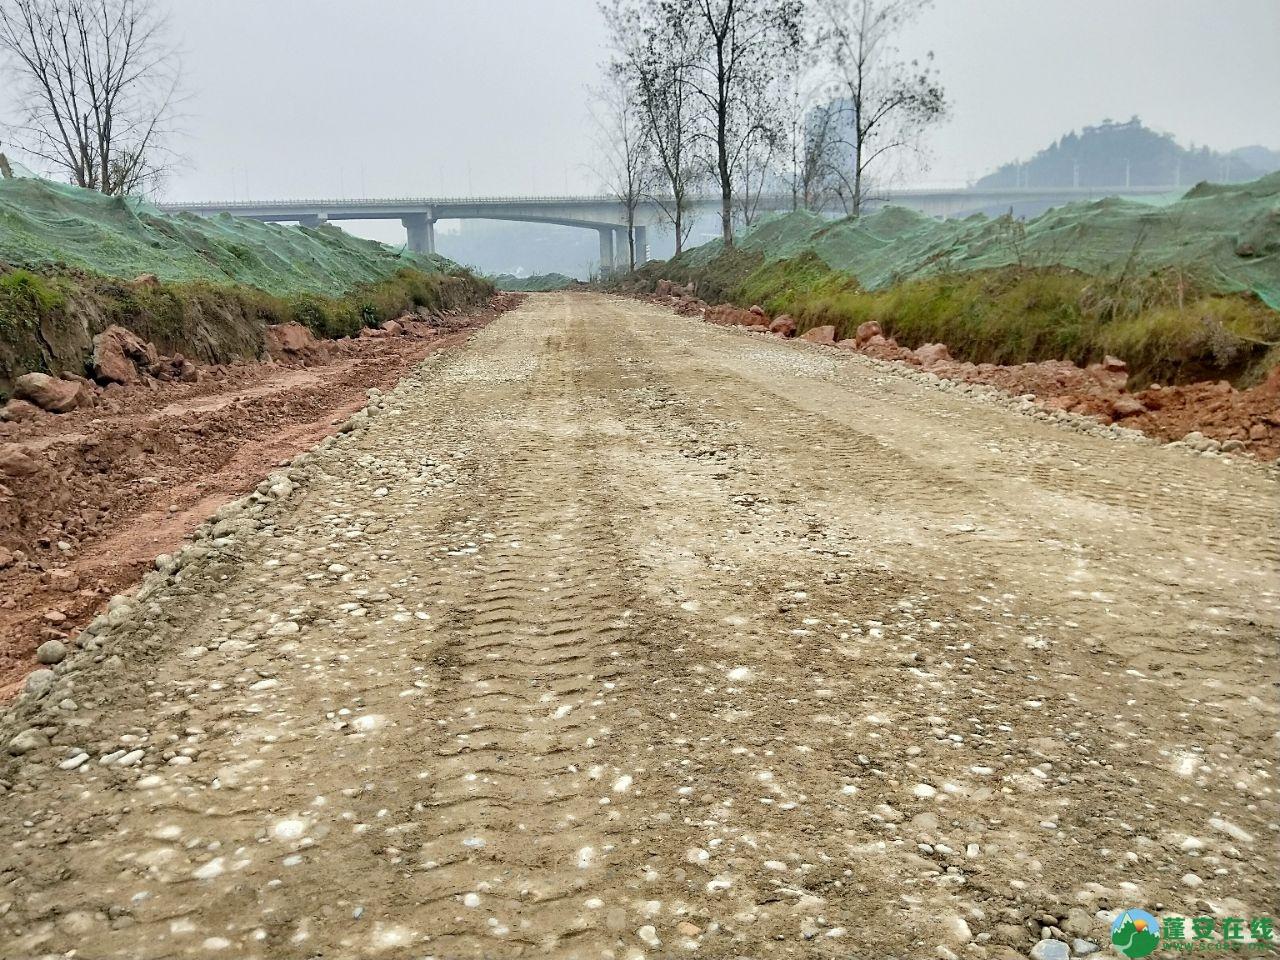 蓬安锦屏湿地公园漫步跑道修建进度(2019年1月13日) - 第8张  | 蓬安在线